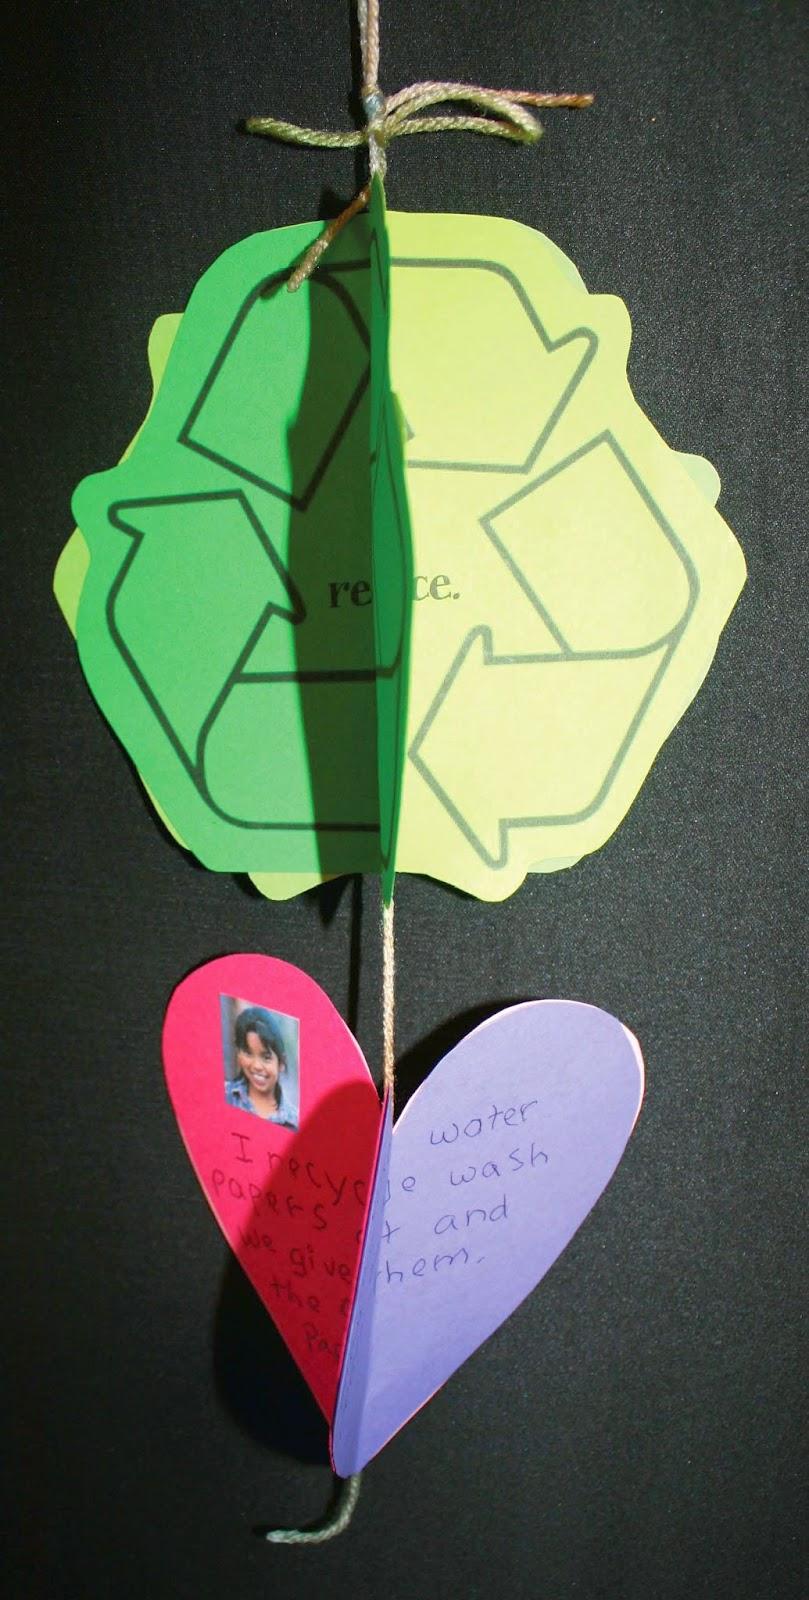 http://3.bp.blogspot.com/--RUjXC4sE8Q/VR6GsNI8SWI/AAAAAAAAN8g/ok0b2tu5TpA/s1600/Recycle%2BSymbol%2BWriting%2BPrompt%2BCraftivity.jpg